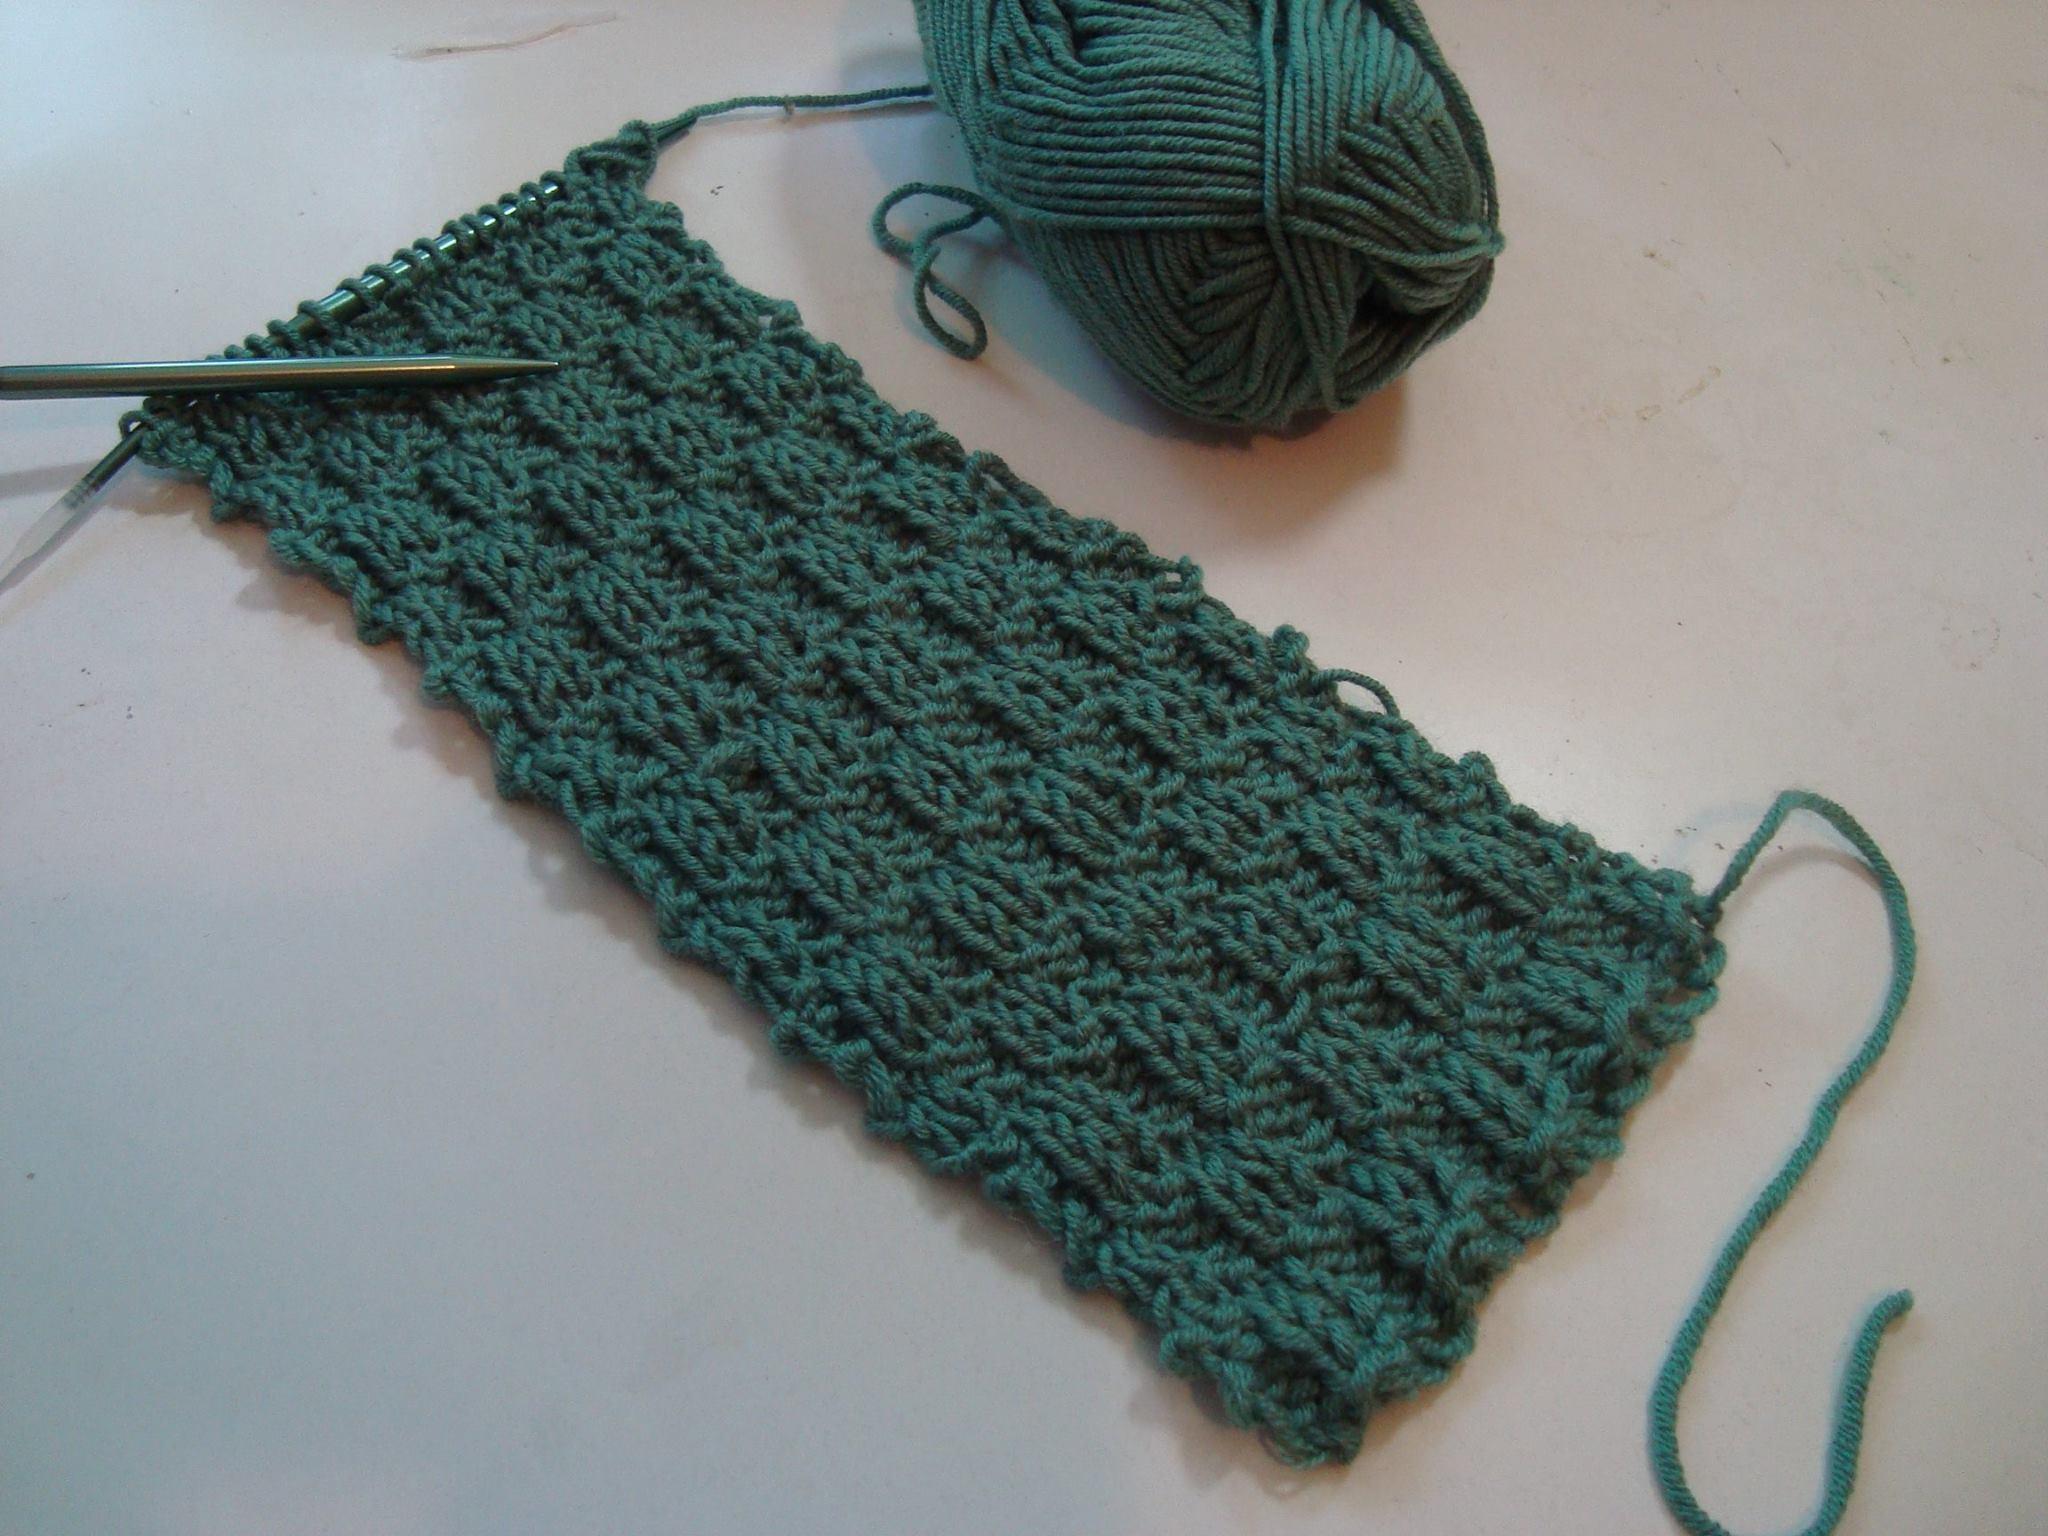 4 Men's Knit Scarf Patterns - The Funky Stitch